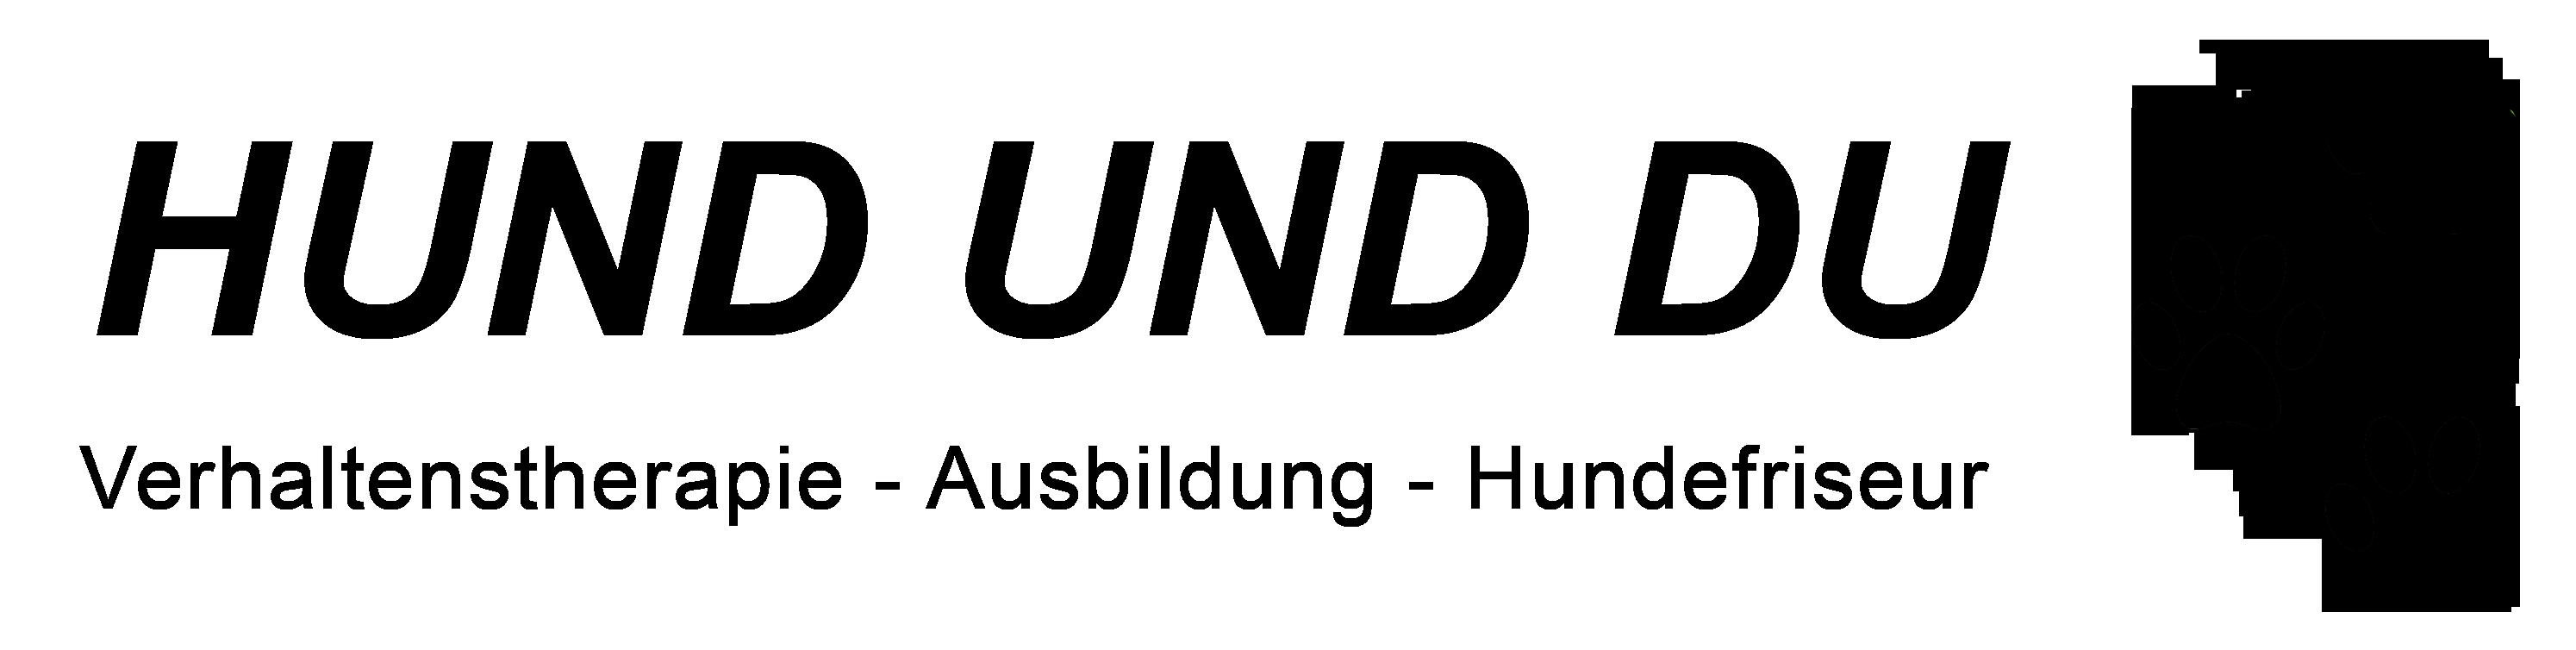 HUND UND DU aus Andorf in Oberösterreich | Franz Meisel- Zertifizierter Problemhundetherapeut und Hundeausbildner und Brigitte Meisel - Verhaltenstherapie - Ausbildung – Hundefriseur im Bezirk Schärding